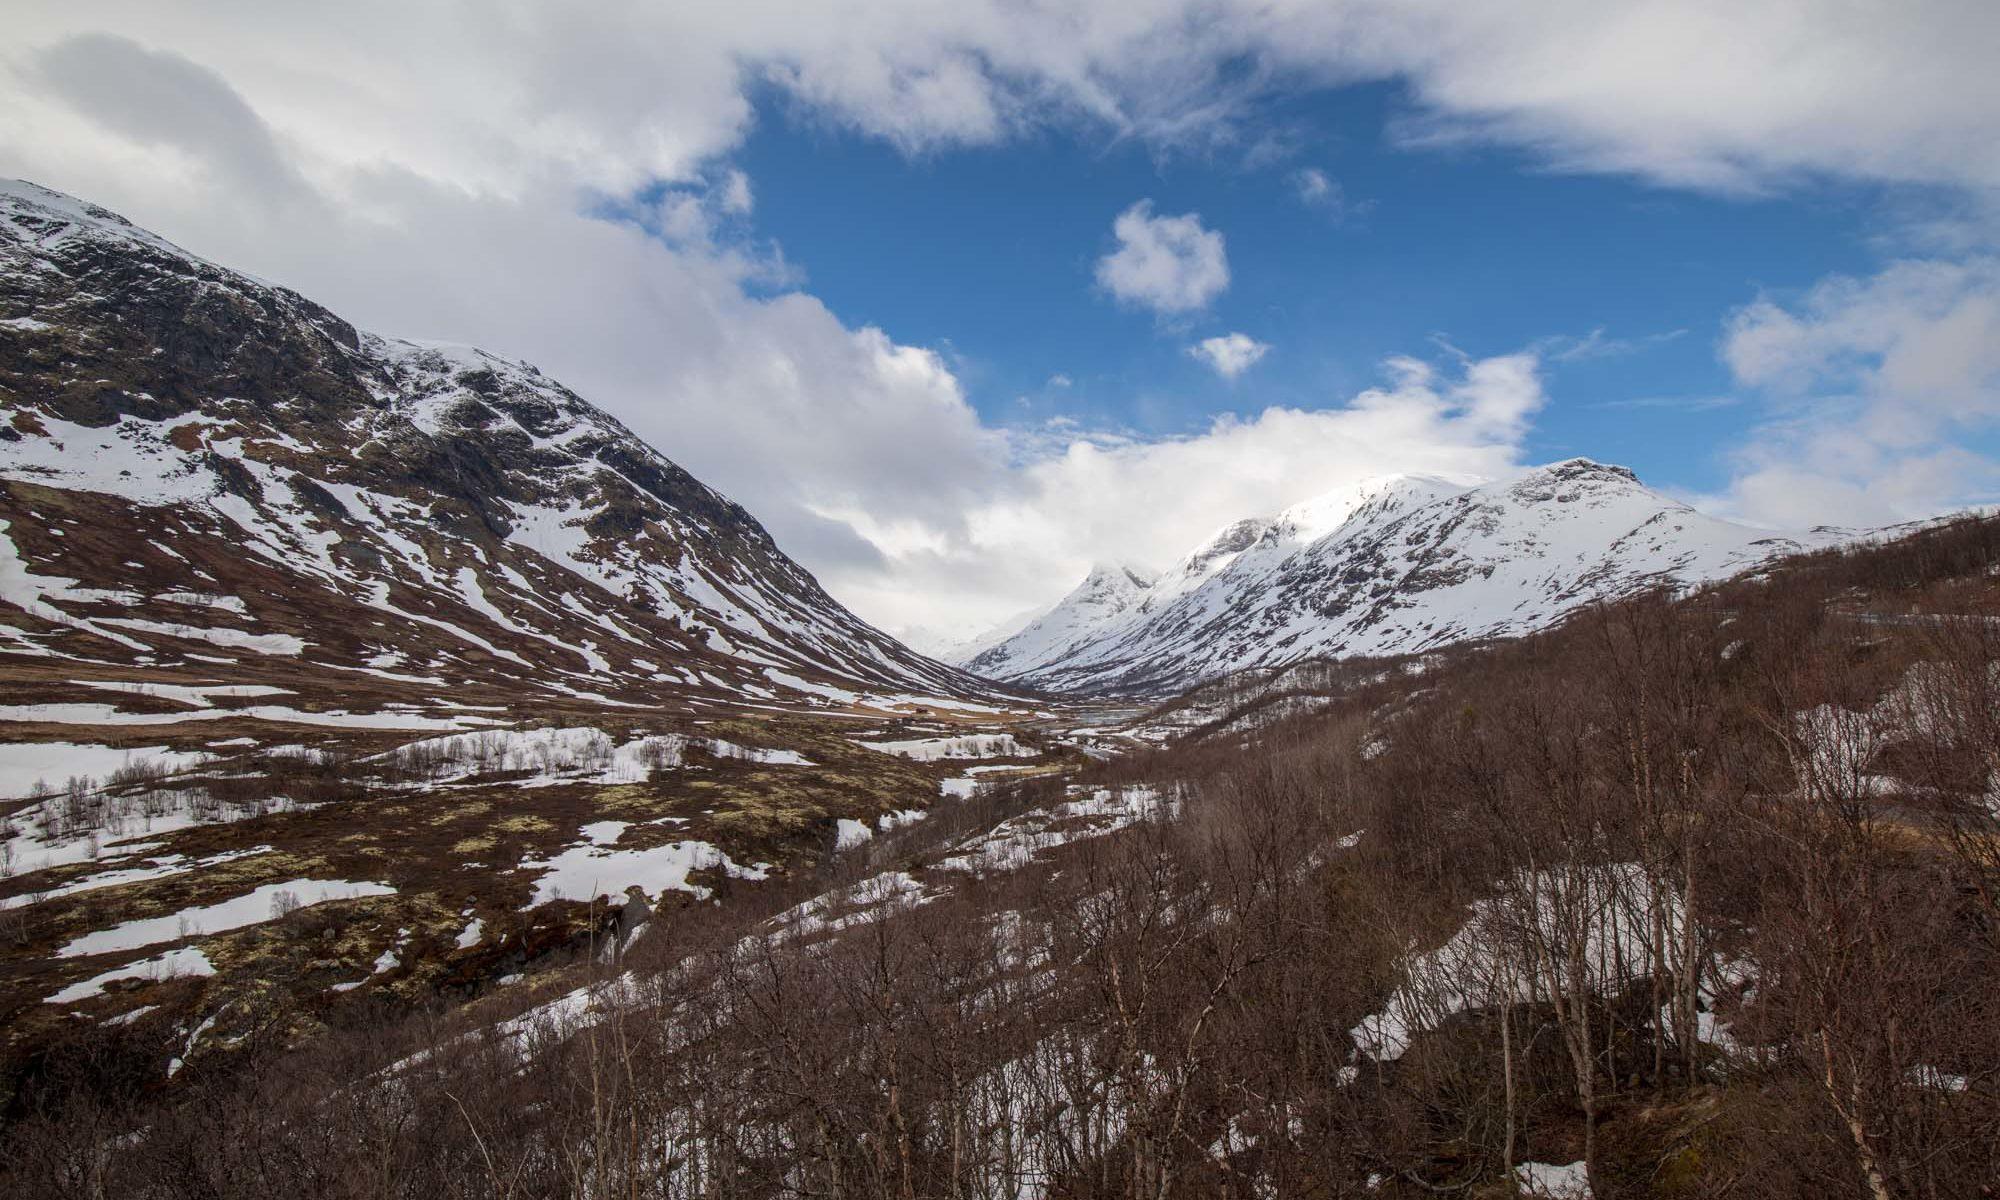 Foto mit Blick auf die Ausläufer des Jotunheimennationalparks im Frühling mit Schnee.